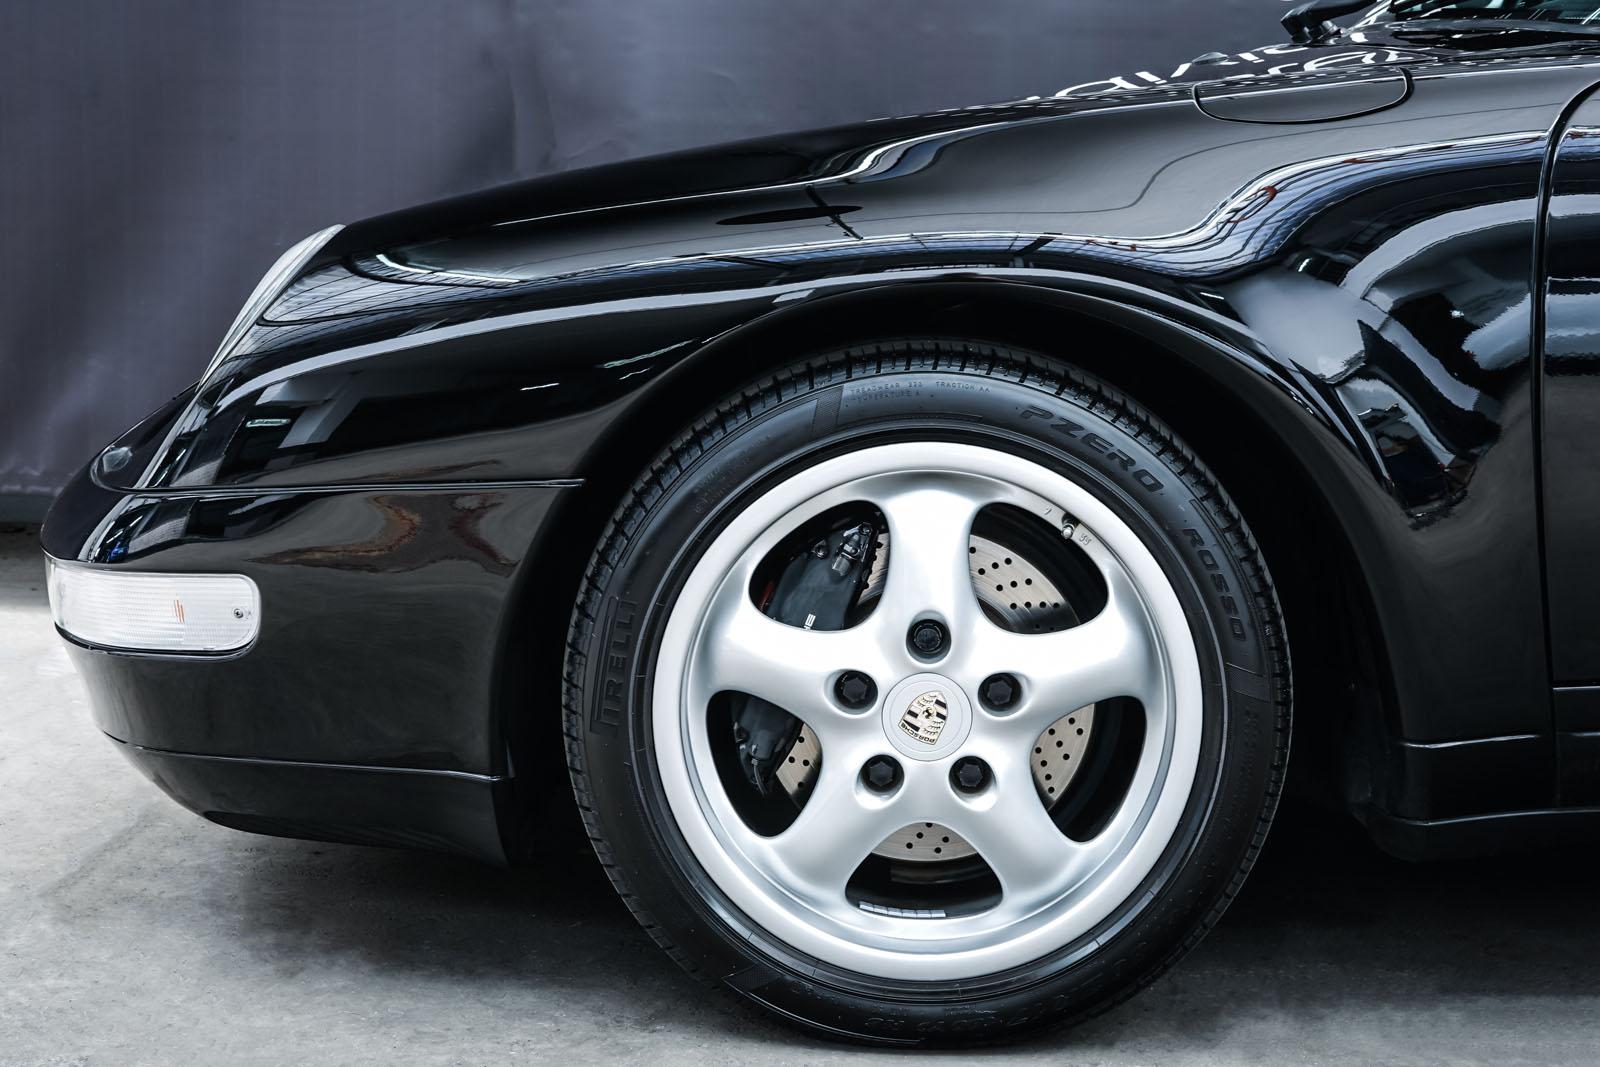 Porsche_993_C2_Cabrio_Black_Beige_POR-0137_3_w